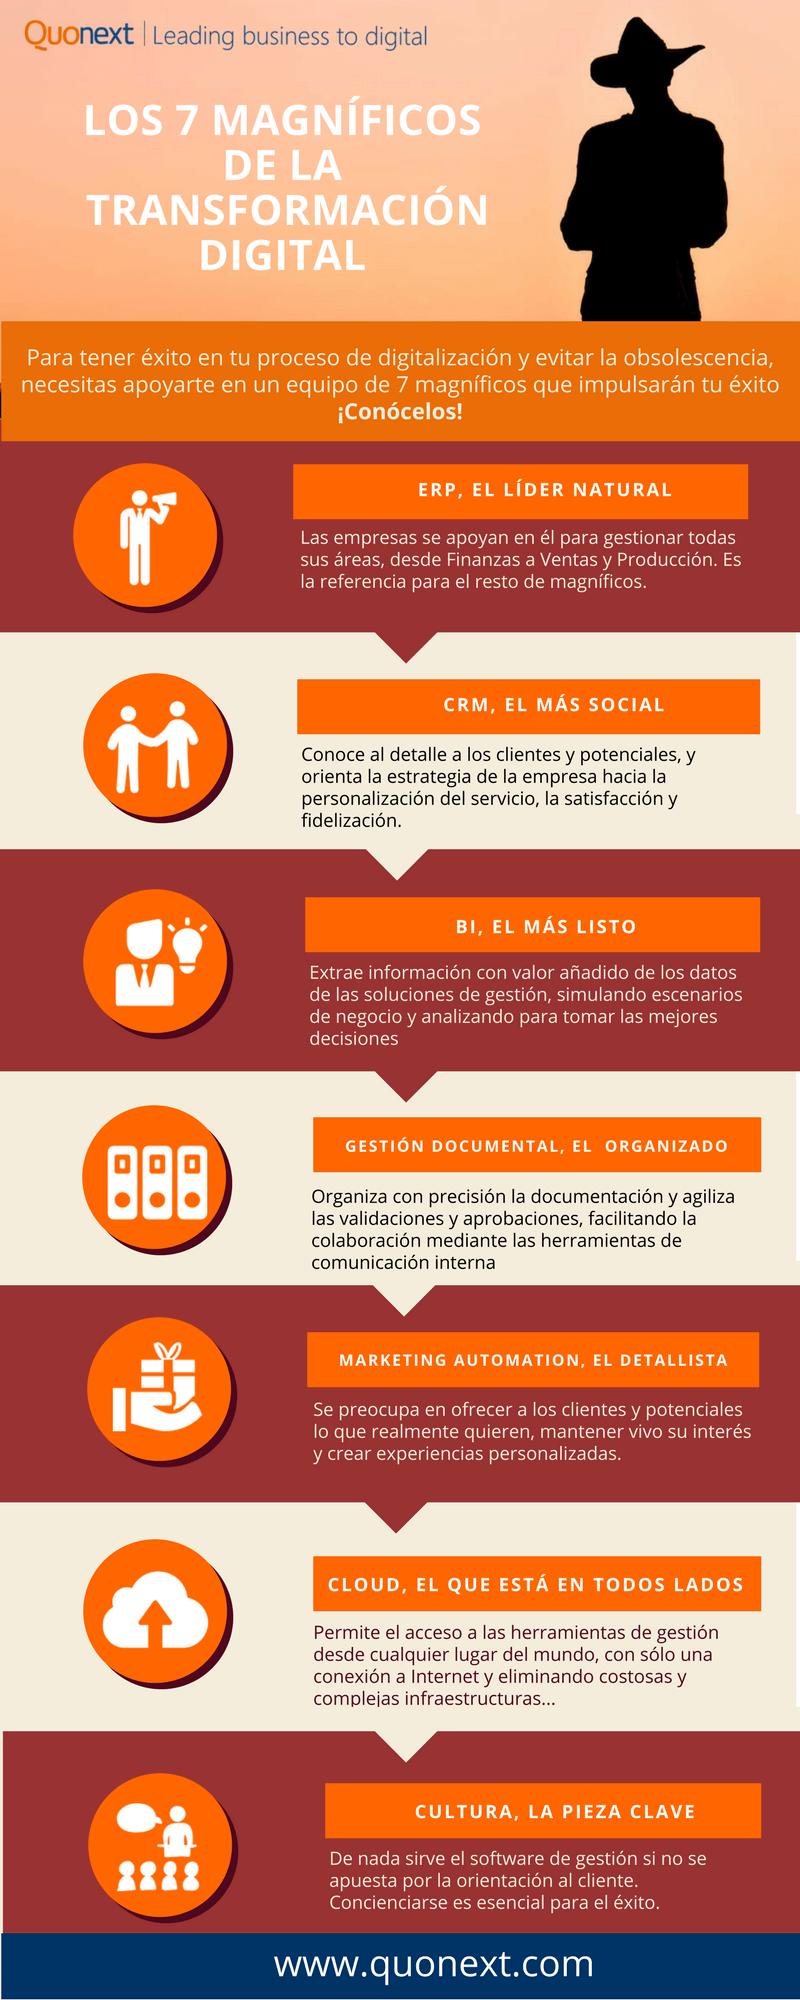 Los 7 magníficos de la Transformación Digital #infografia #infographic